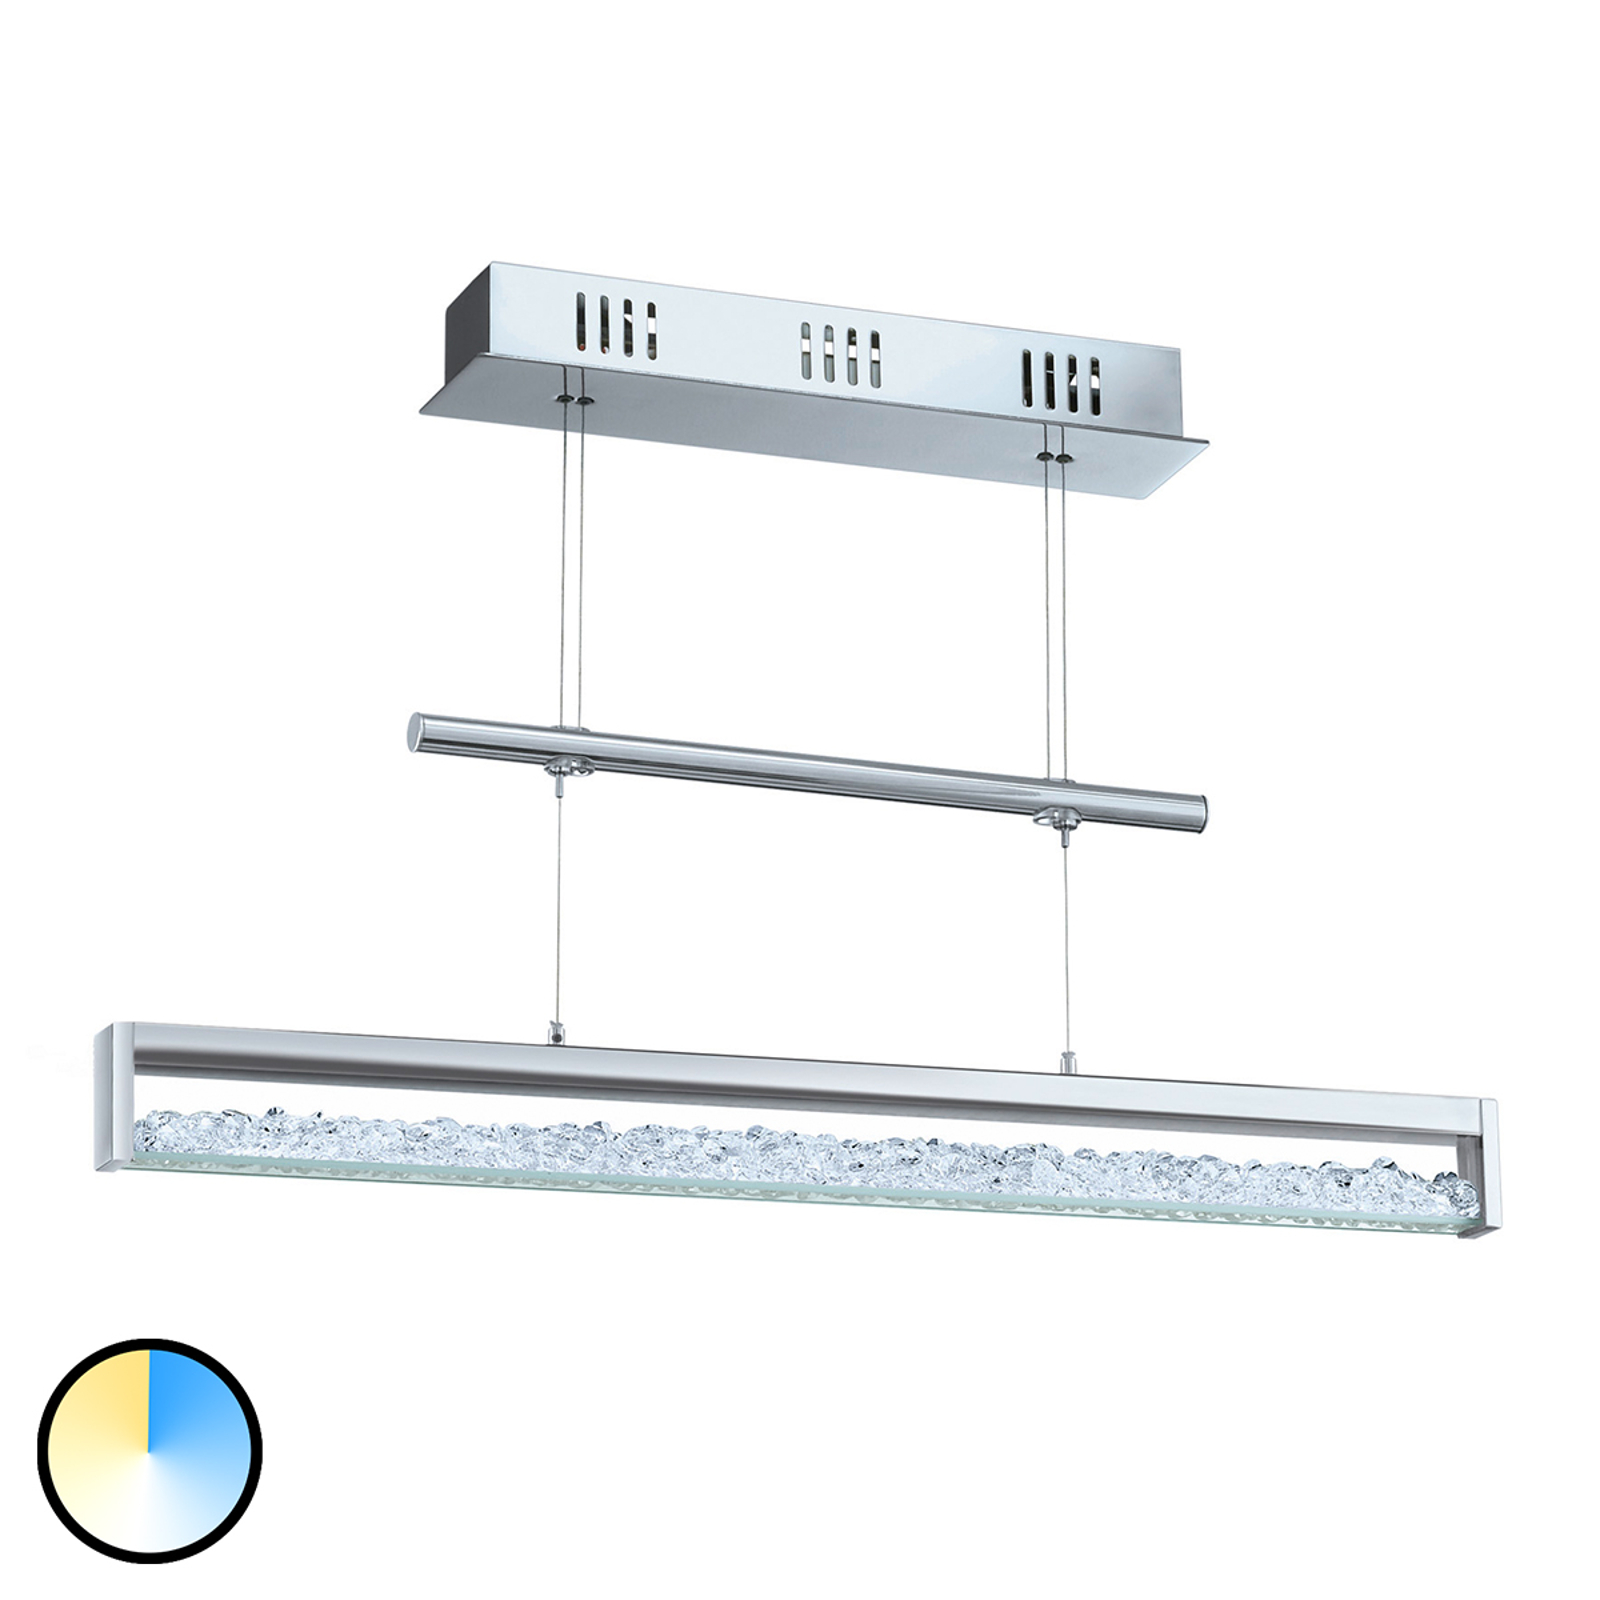 Lampada LED a sospensione Cardito 1 70 con dimmer